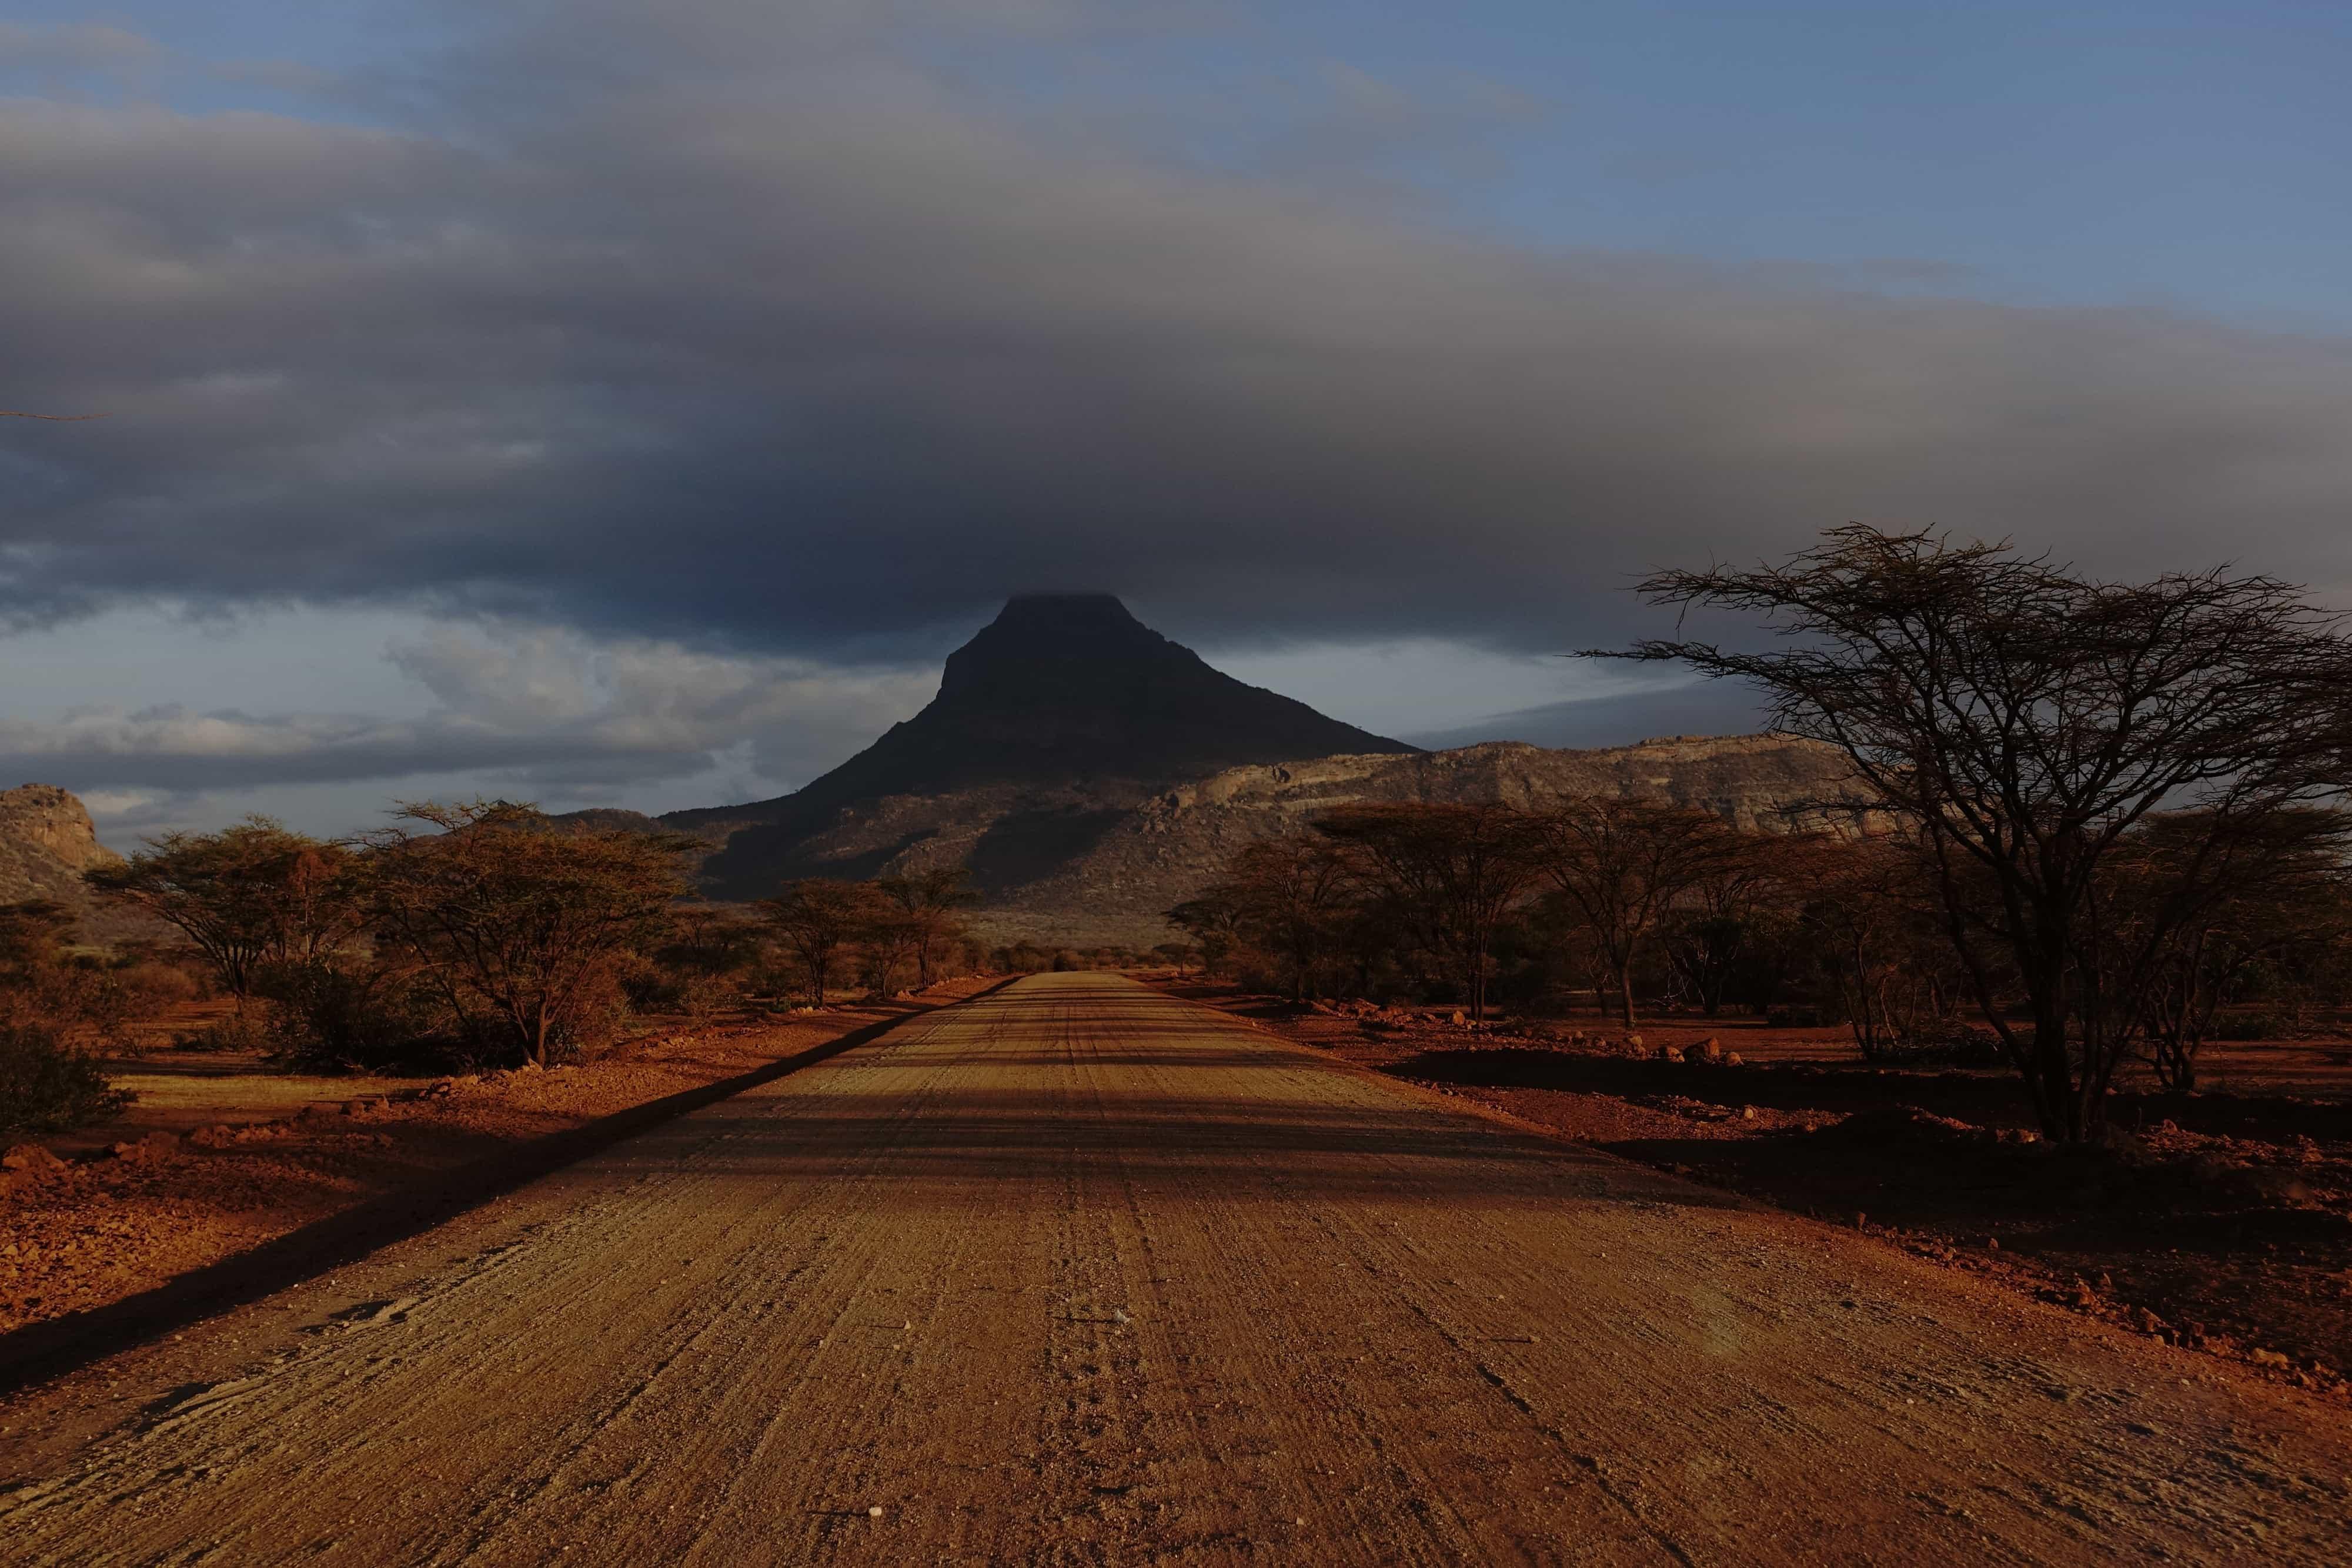 Vejen til landsbyen Marsabit, som er blevet flyttet af Lake Turkana Wind Power projekt. Foto: Shafiur Rahman, Danwatch.